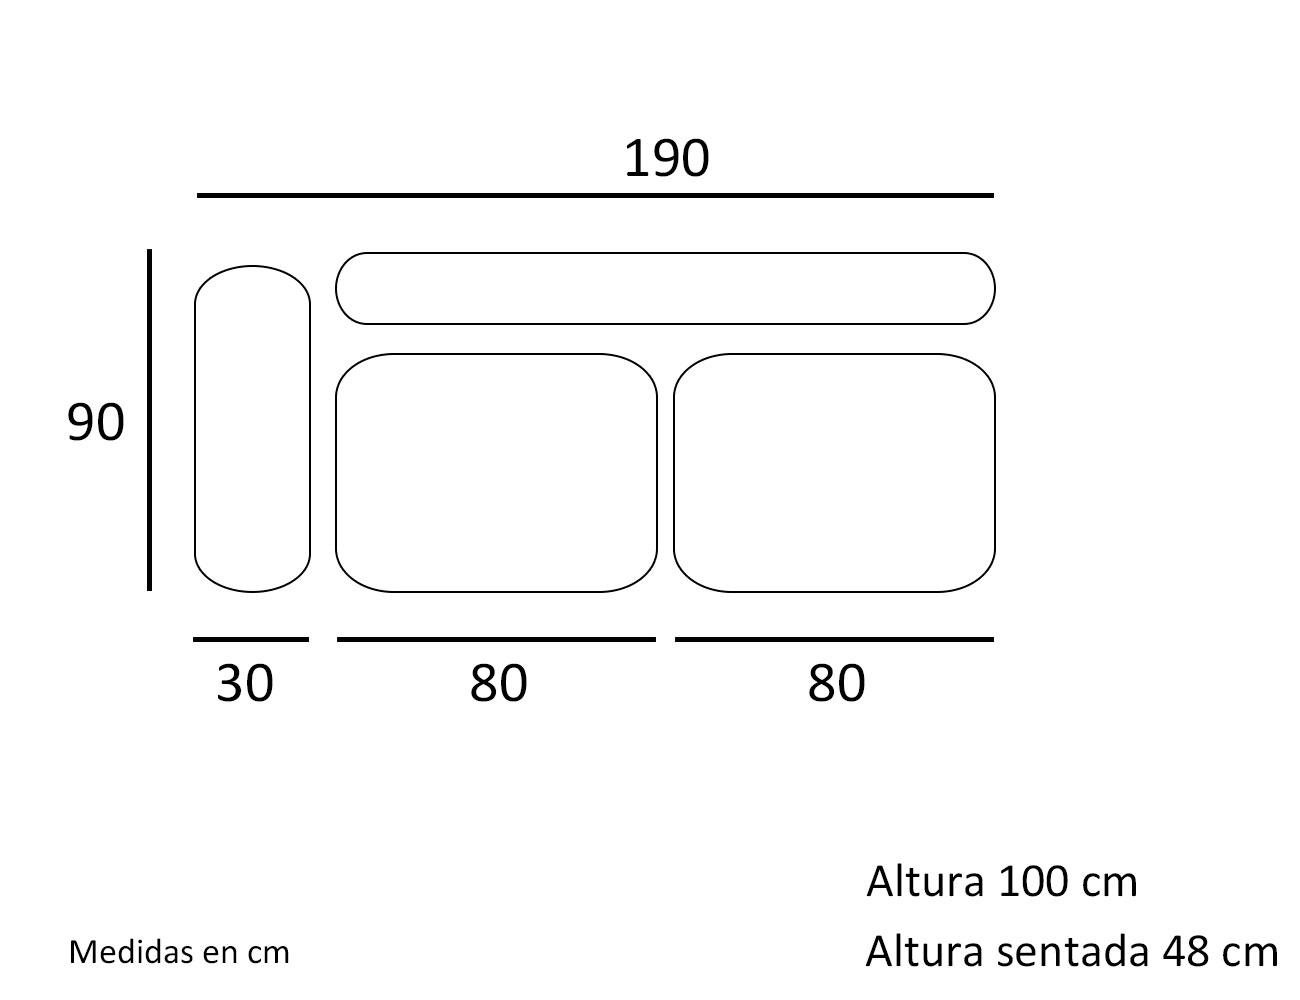 Croquis modulo 2 plazas con 1 brazo 190